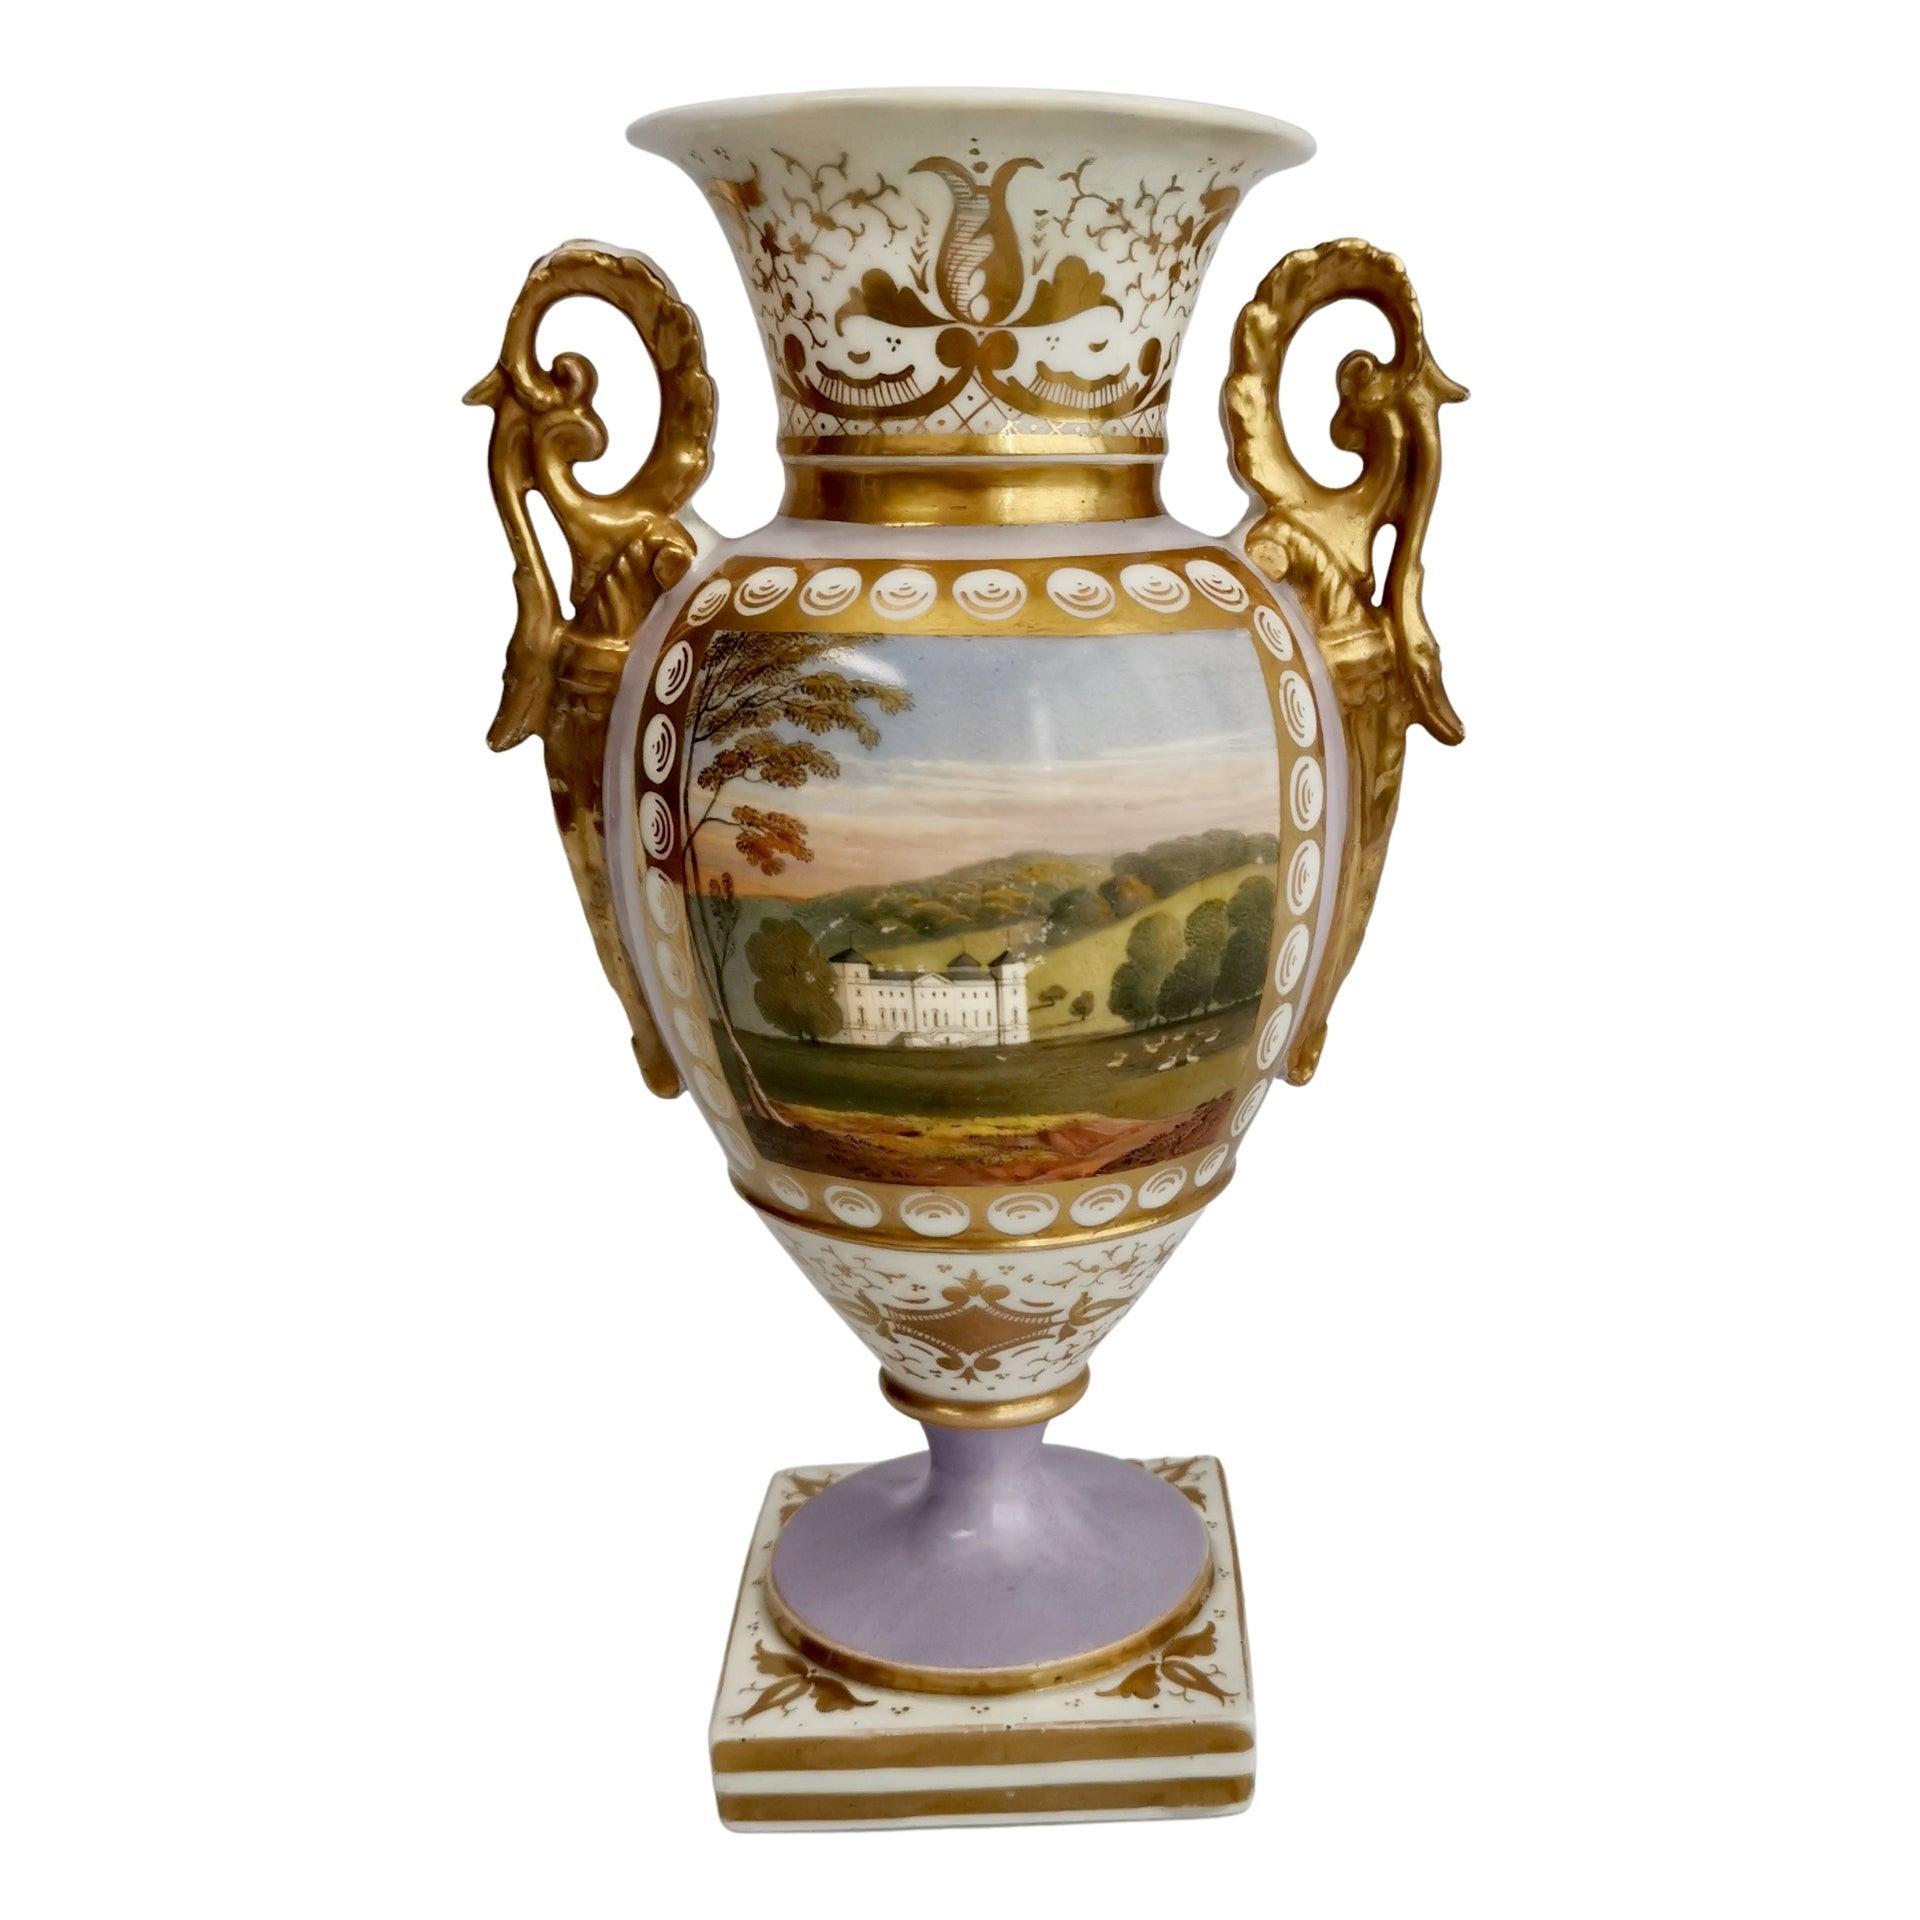 Grainger Worcester Porcelain Vase, Lilac, View of Hagley, Regency Empire a 1820